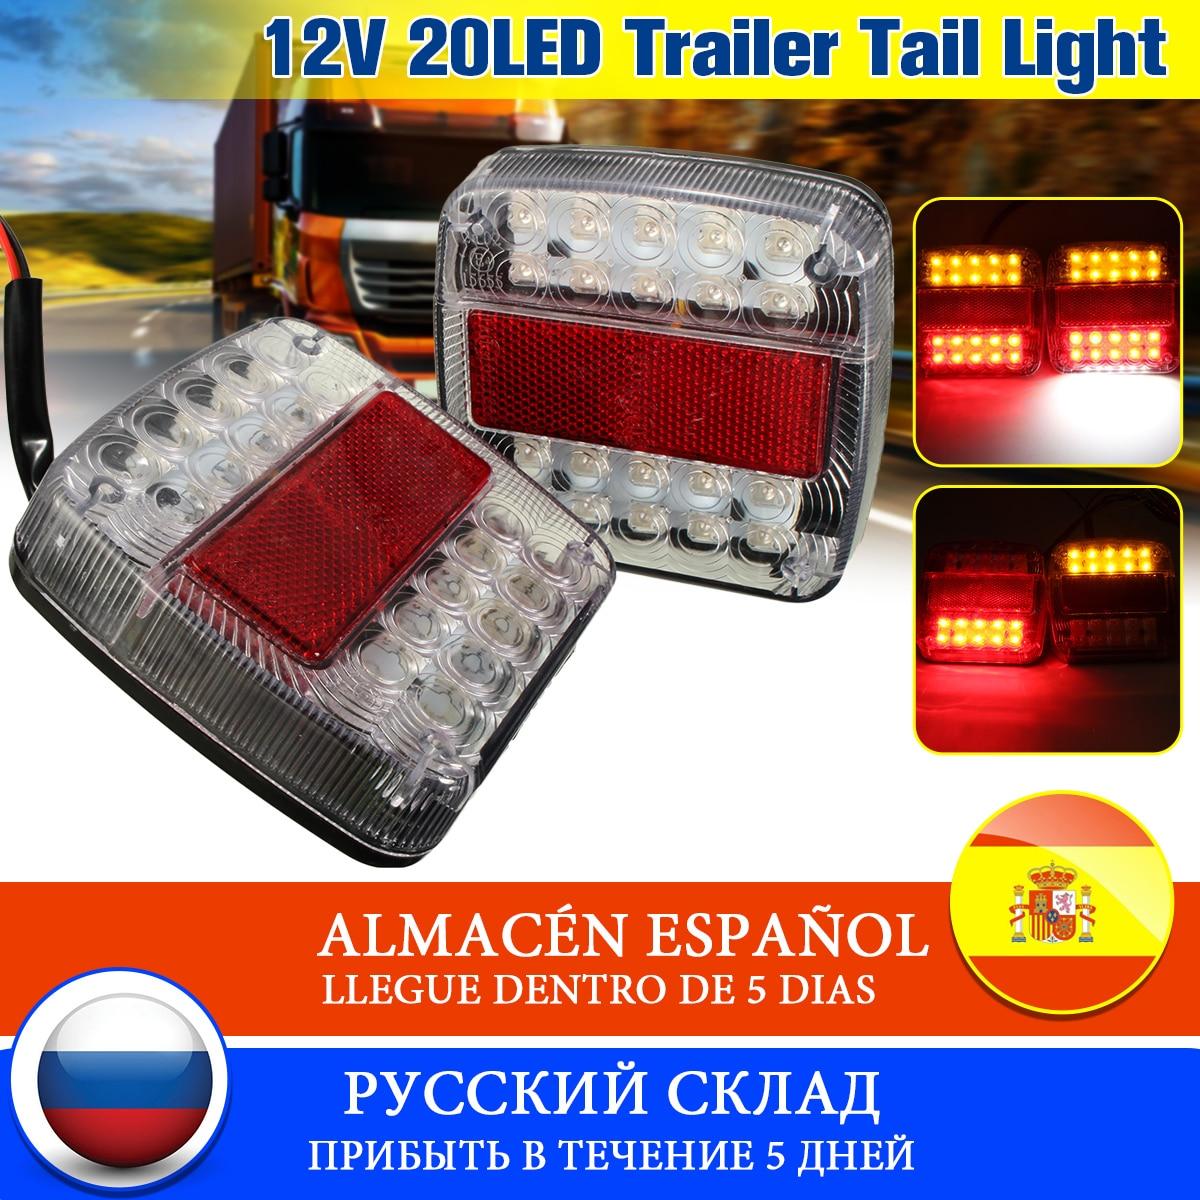 2X 12V 26 LED Tail Light Turn Signal Rear Brake Light Number License Plate For Car Truck Trailer Caravans UTE Campers ATV E-mark